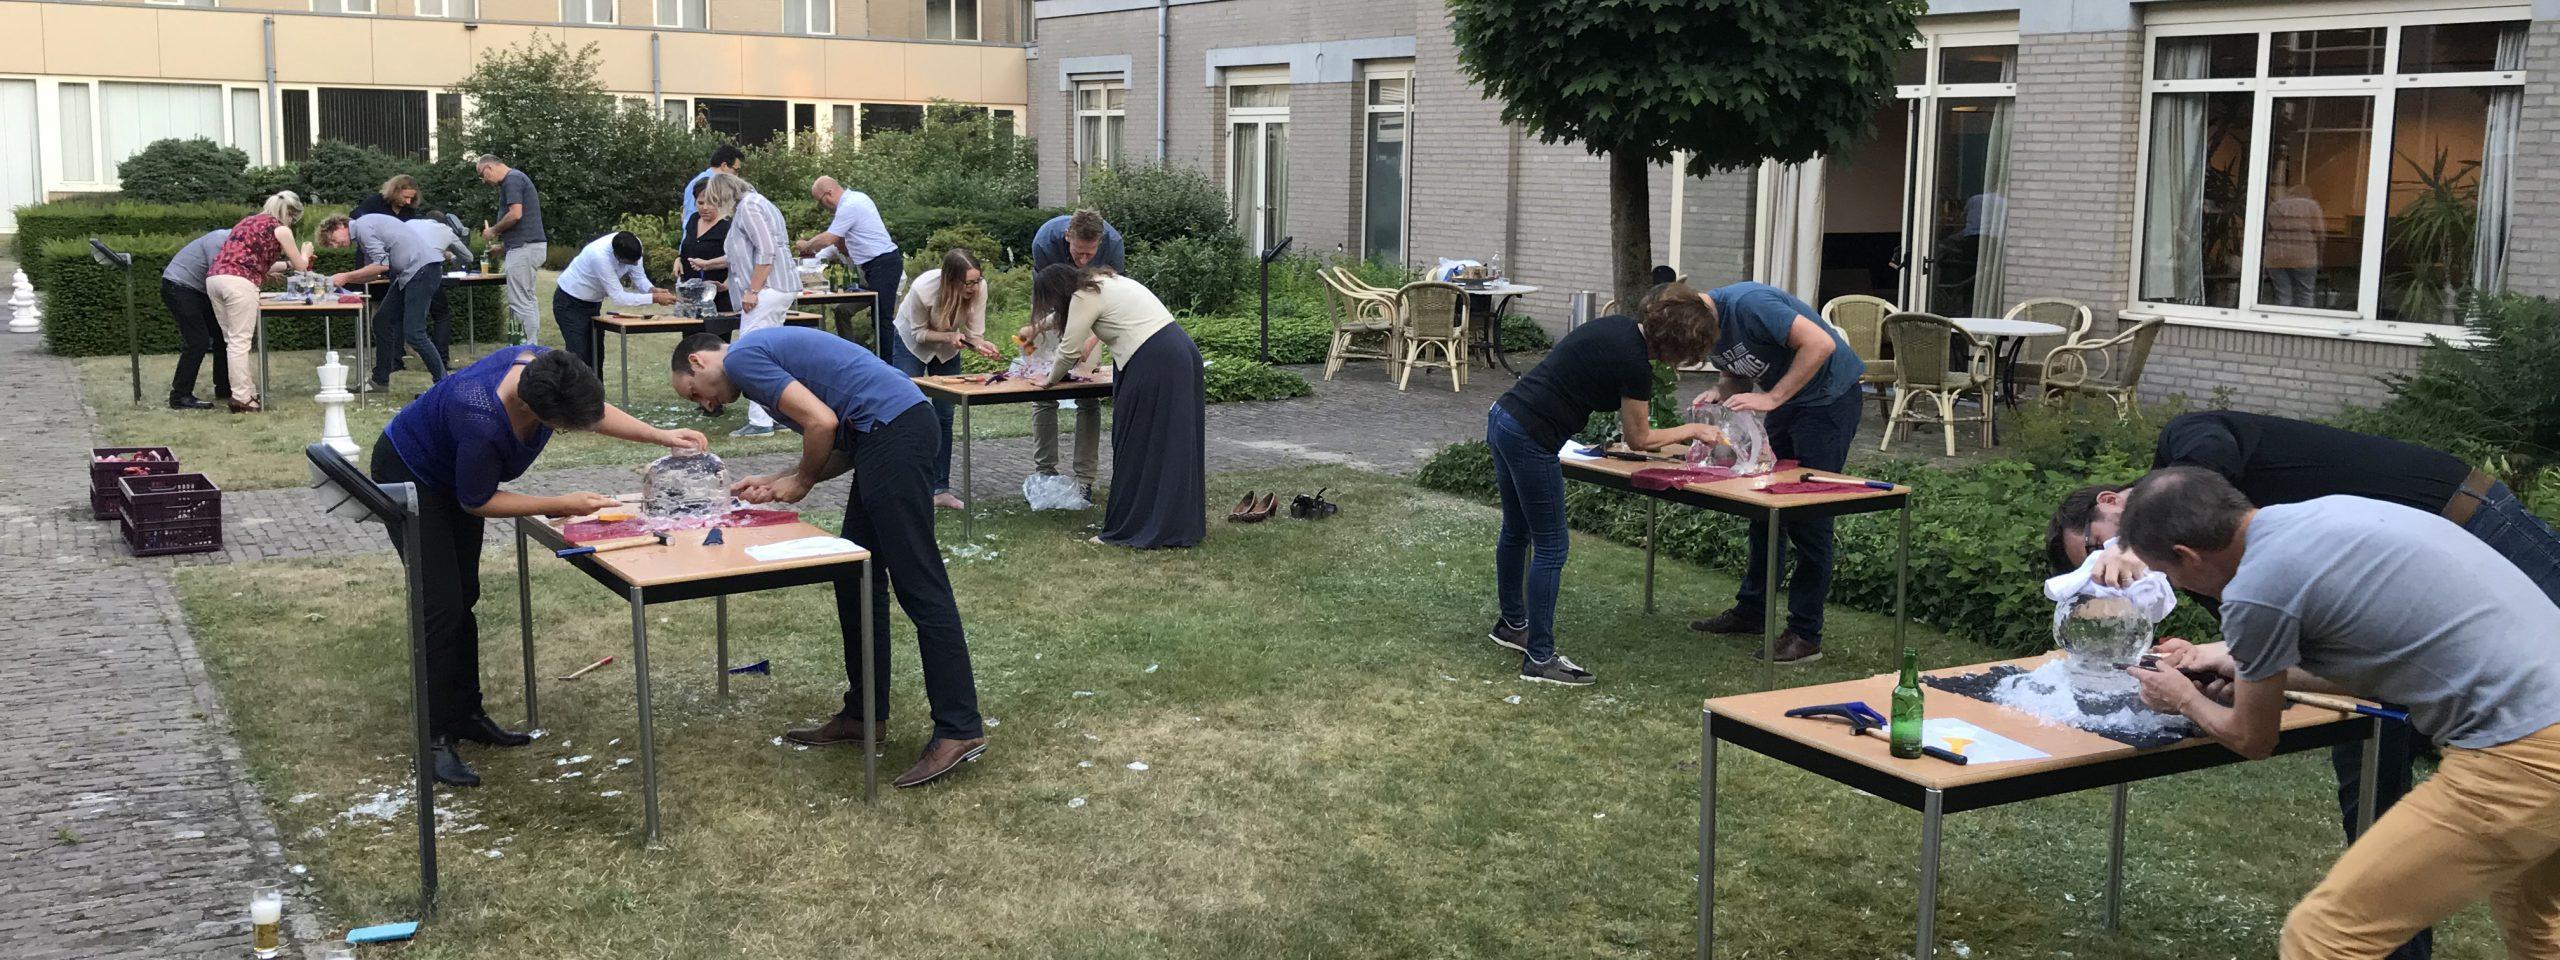 workshop-eindhoven-personeels-uitje